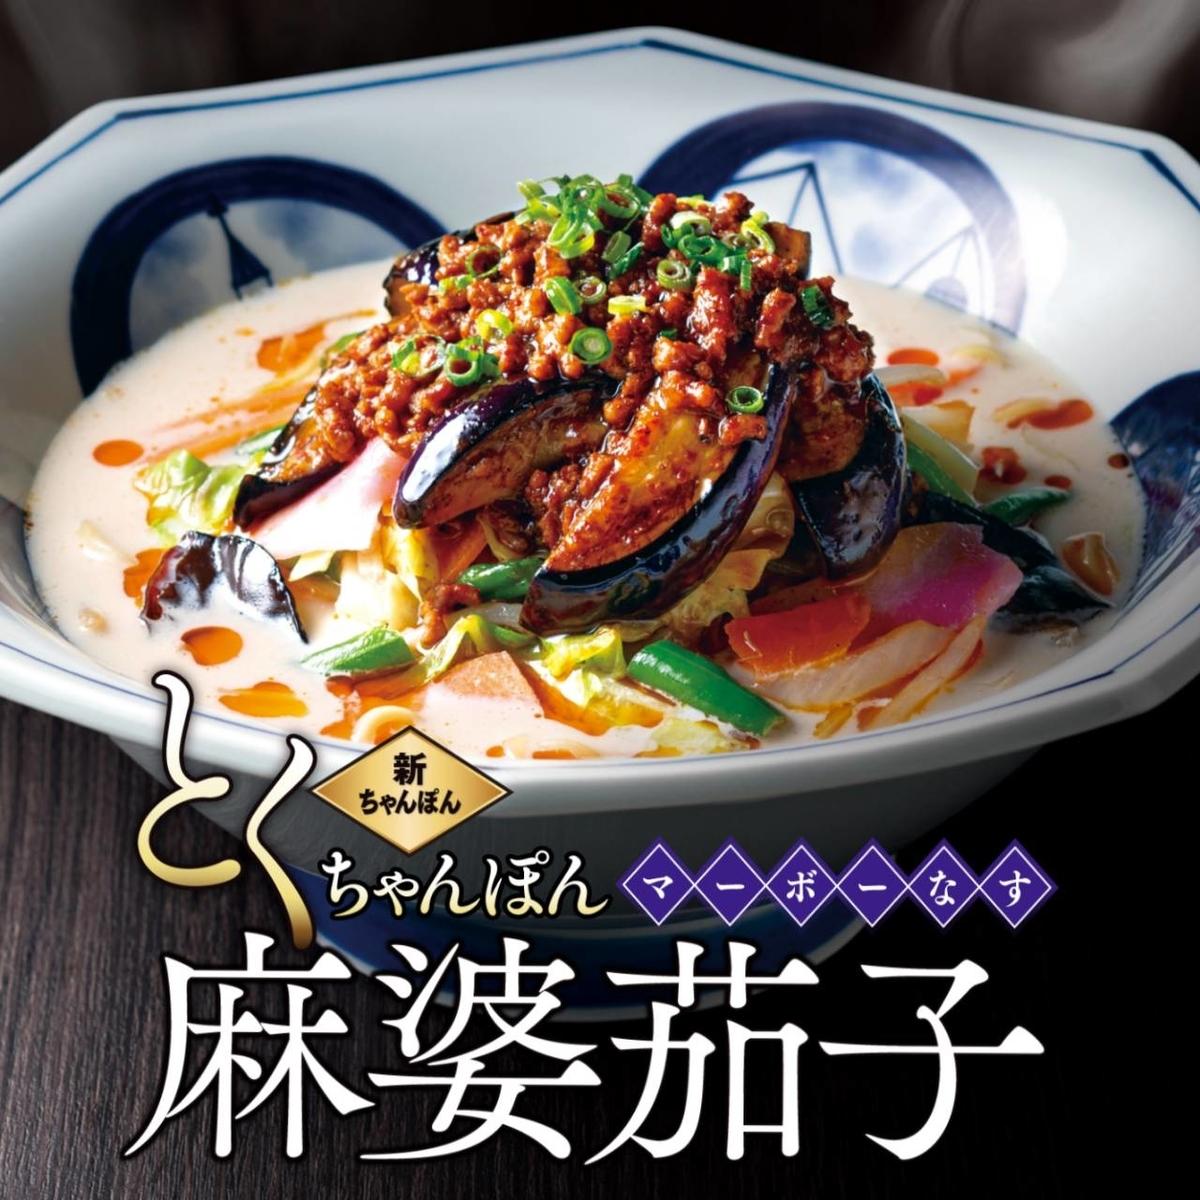 リンガーハット「とくちゃんぽん麻婆茄子」創業祭メニュー いつまで 値段 口コミ レビュー